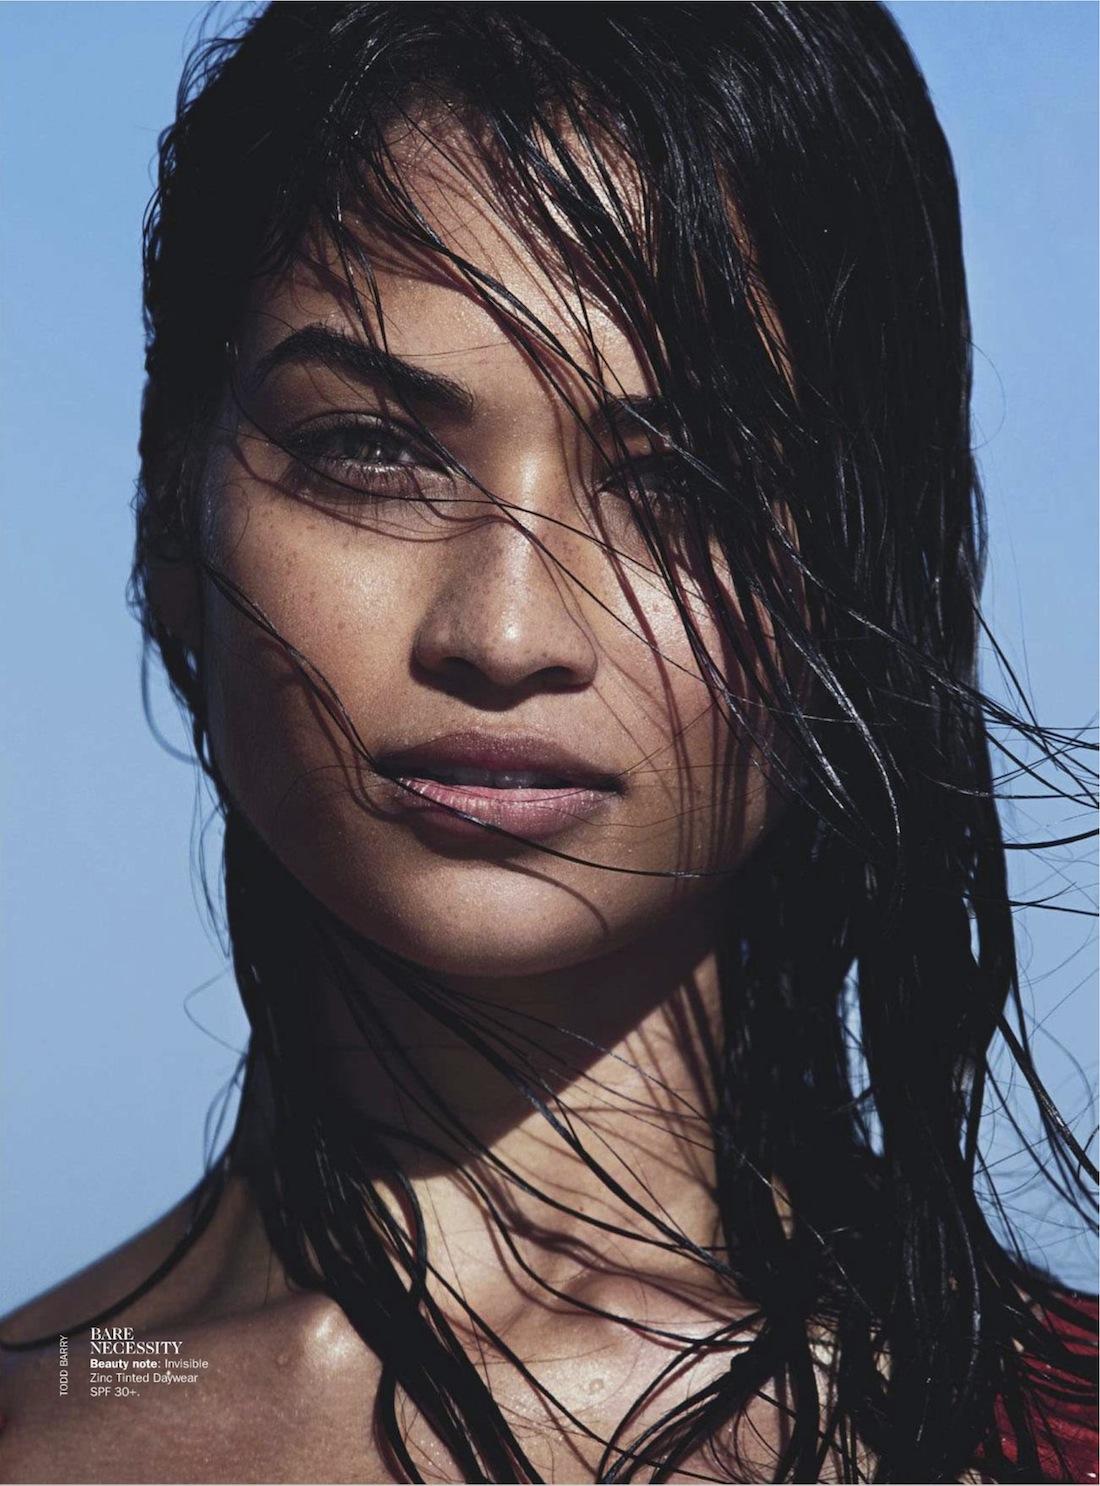 Australian born international model img models